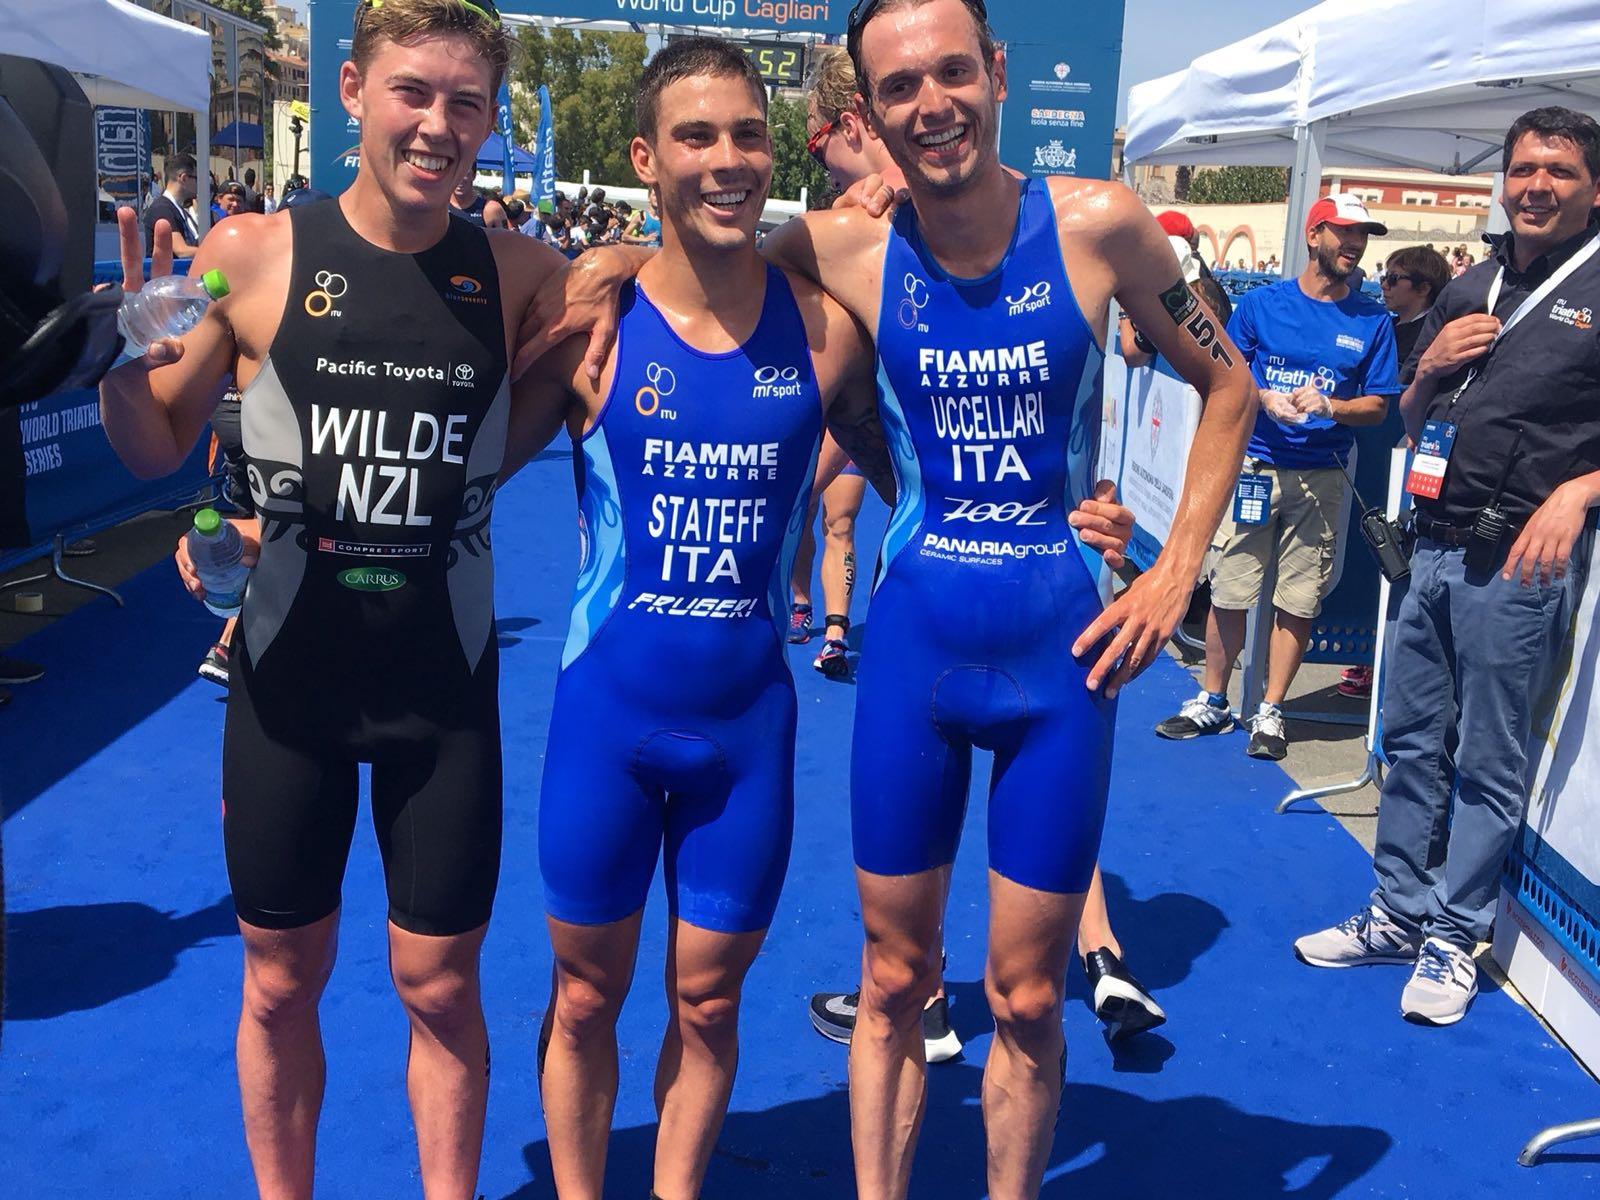 2018-06-02 Cagliari ITU Triathlon World Cup